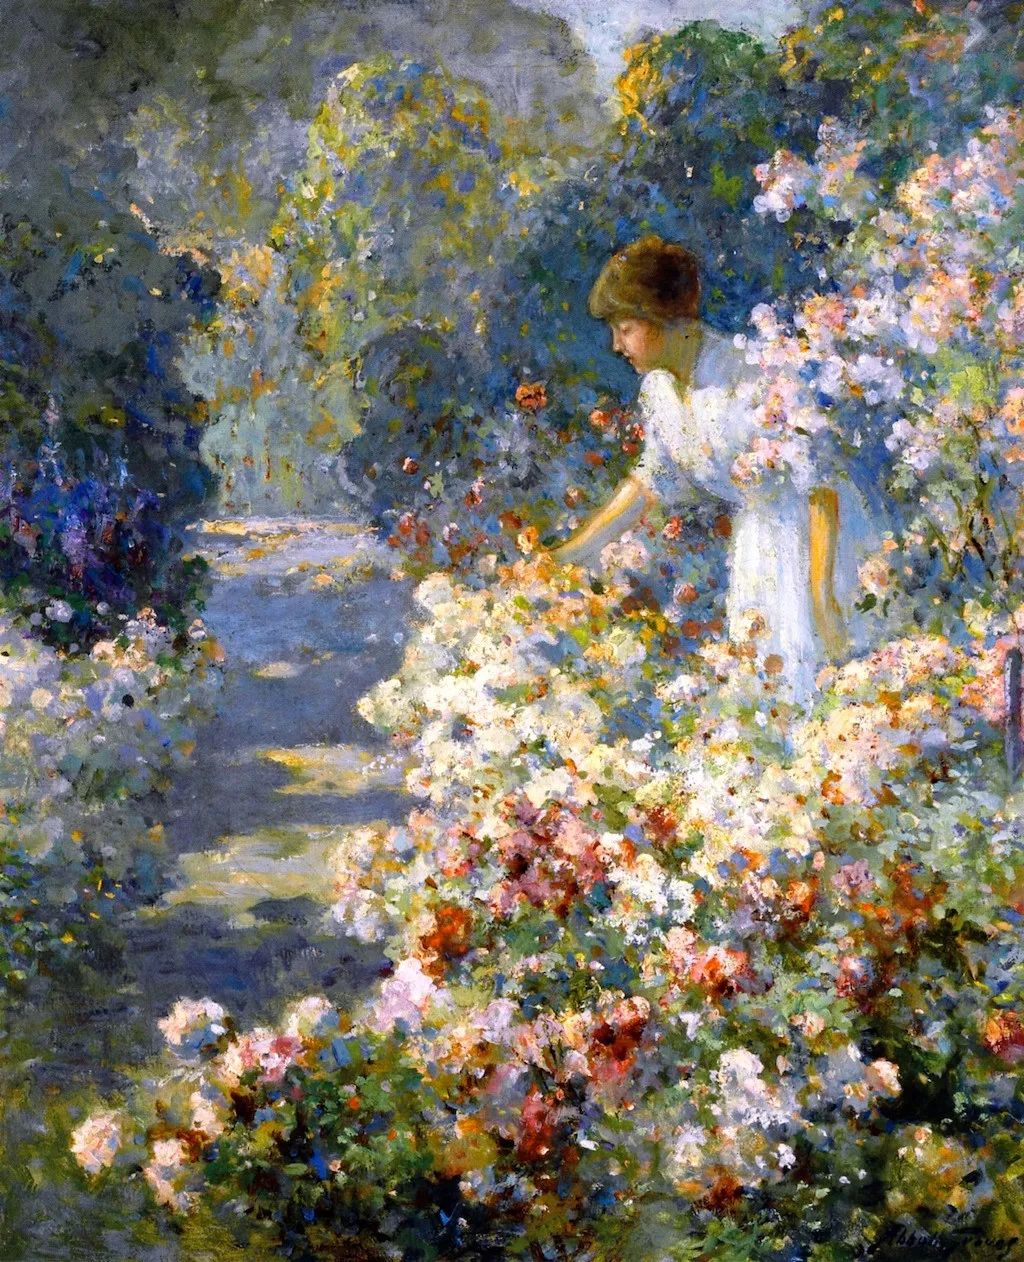 19世纪花园风景,看看那整片盛开的鲜花!插图21